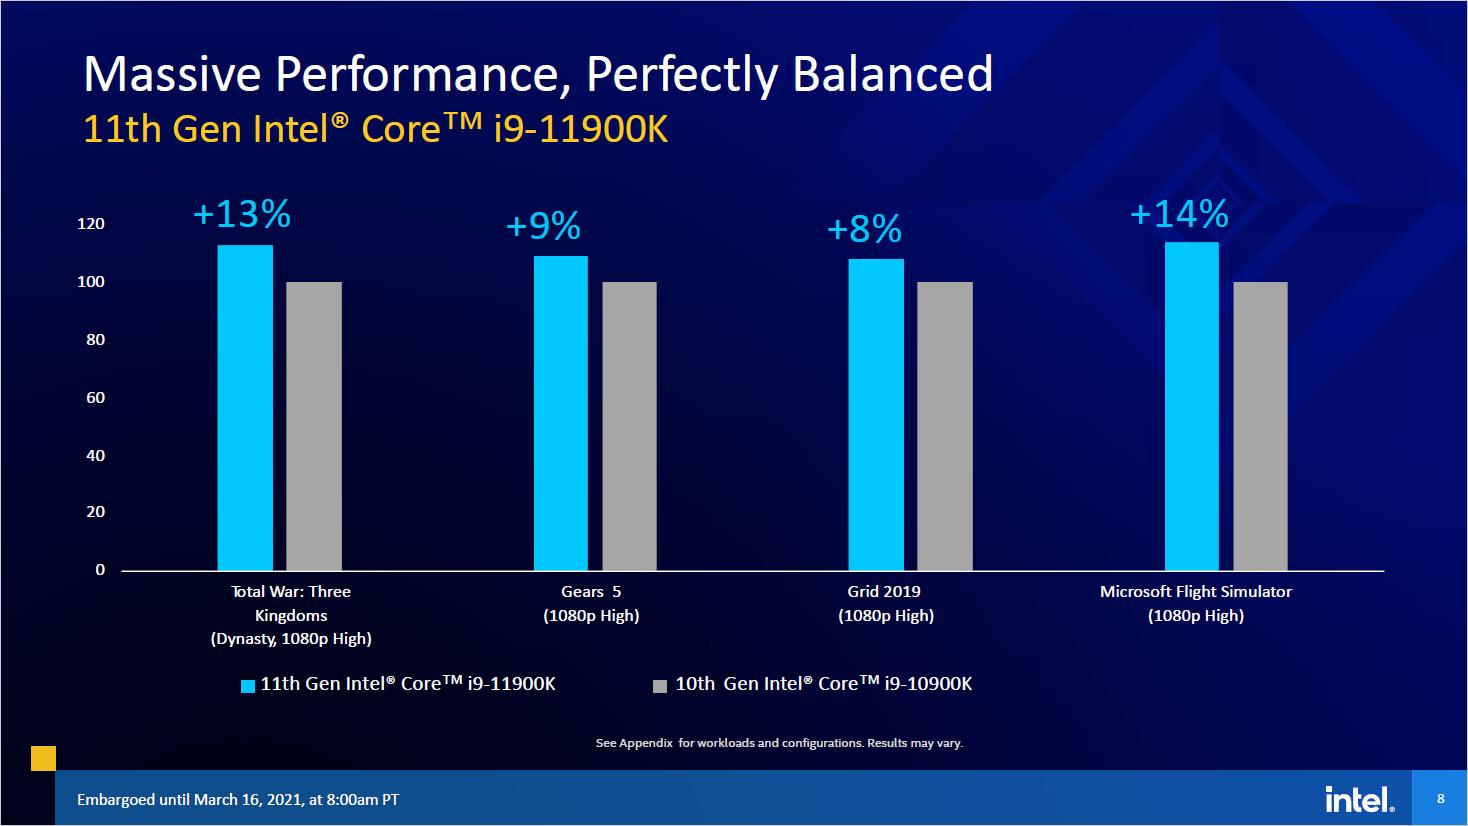 11th Gen Core: Das kann Intels Rocket Lake - Core i9-11900K vs Core i9-10900K (Bild: Intel)